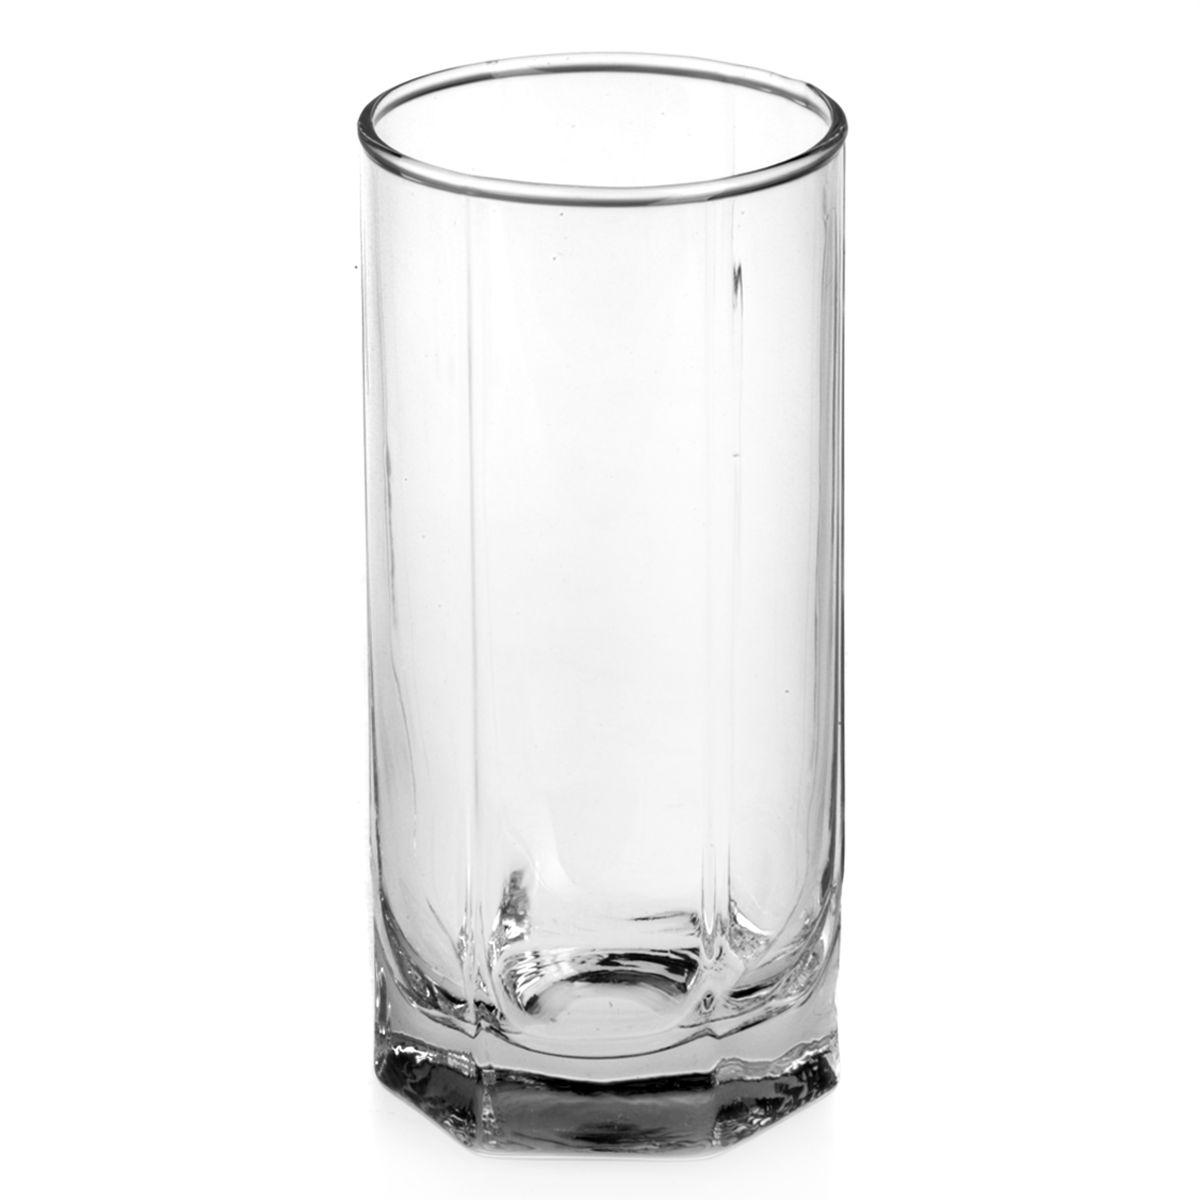 Набор стаканов для коктейля Pasabahce Tango, 290 мл, 6 шт42942BНабор стаканов для коктейлей Pasabahce Tango изготовлен из натрий-кальций-силикатного стекла. Набор состоит из 6 стаканов, выполненных в элегантном дизайне. Такие стаканы украсят любой праздничный стол. Набор стаканов для коктейлей может стать отличным подарком к любому празднику. Можно мыть в посудомоечной машине и использовать в микроволновой печи. Диаметр стакана по верхнему краю: 6,2 см. Высота стакана: 13,7 см.